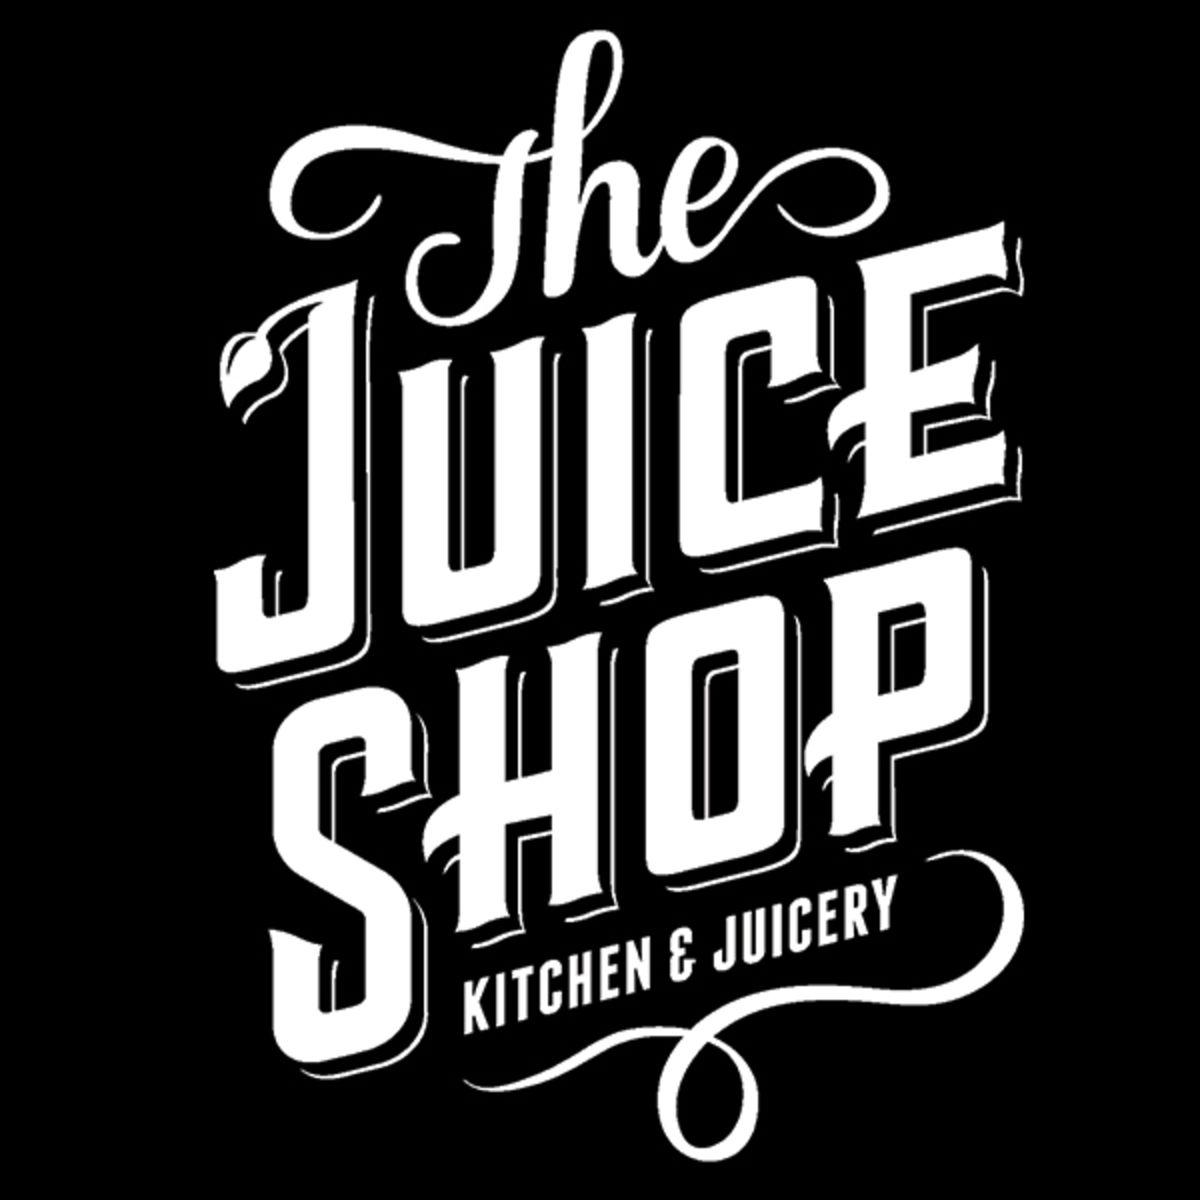 JuiceShop